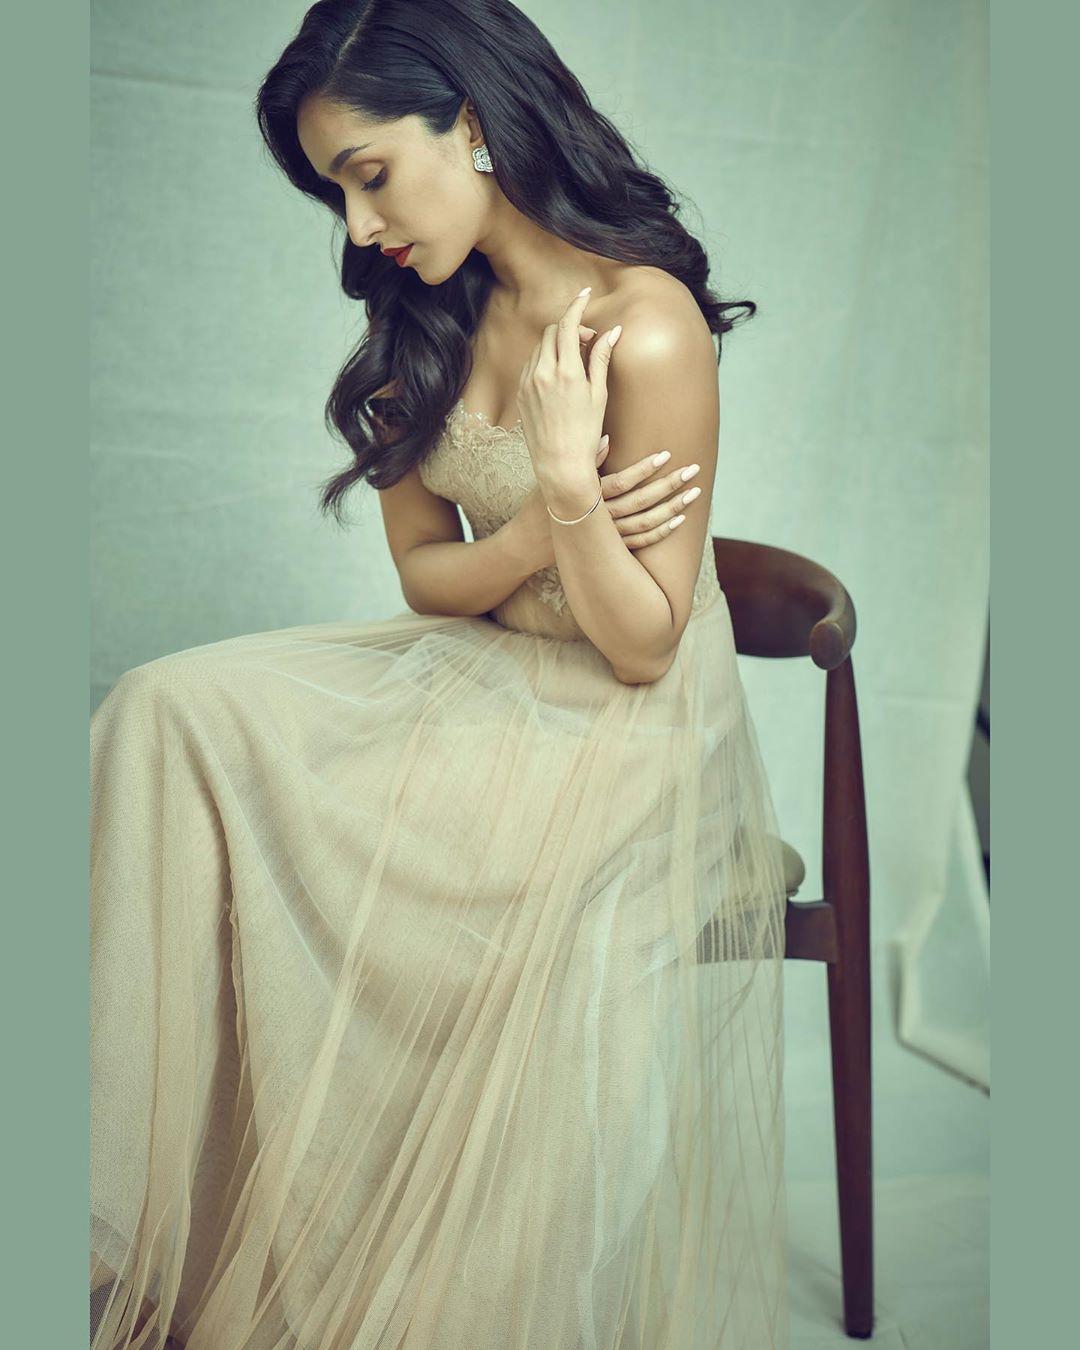 'సాహో' ఫేమ్ శ్రద్ధా కపూర్ లేటెస్ట్ ఫోటో షూట్ (Twiitter/photo)